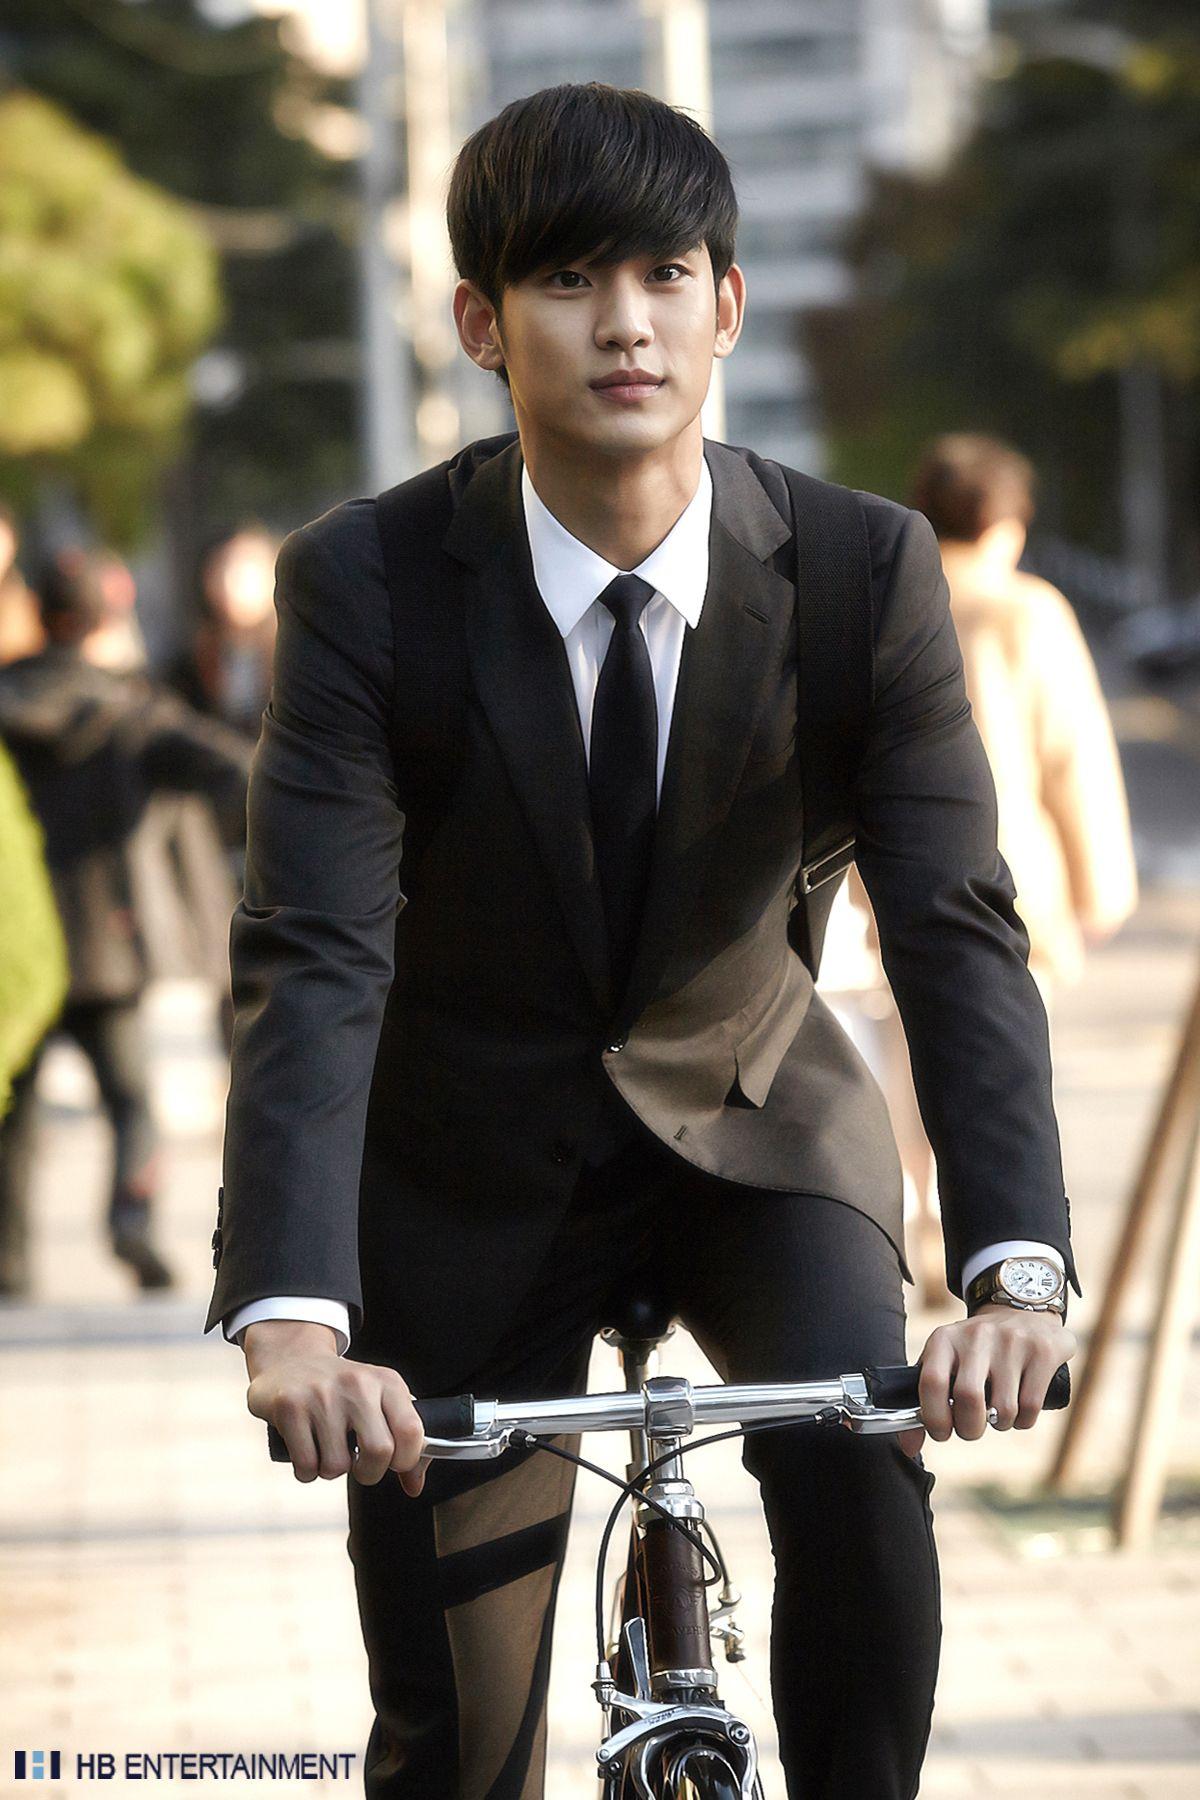 coming soon kim soo hyun and jun ji hyu reunite for my love coming soon kim soo hyun and jun ji hyu reunite for my love